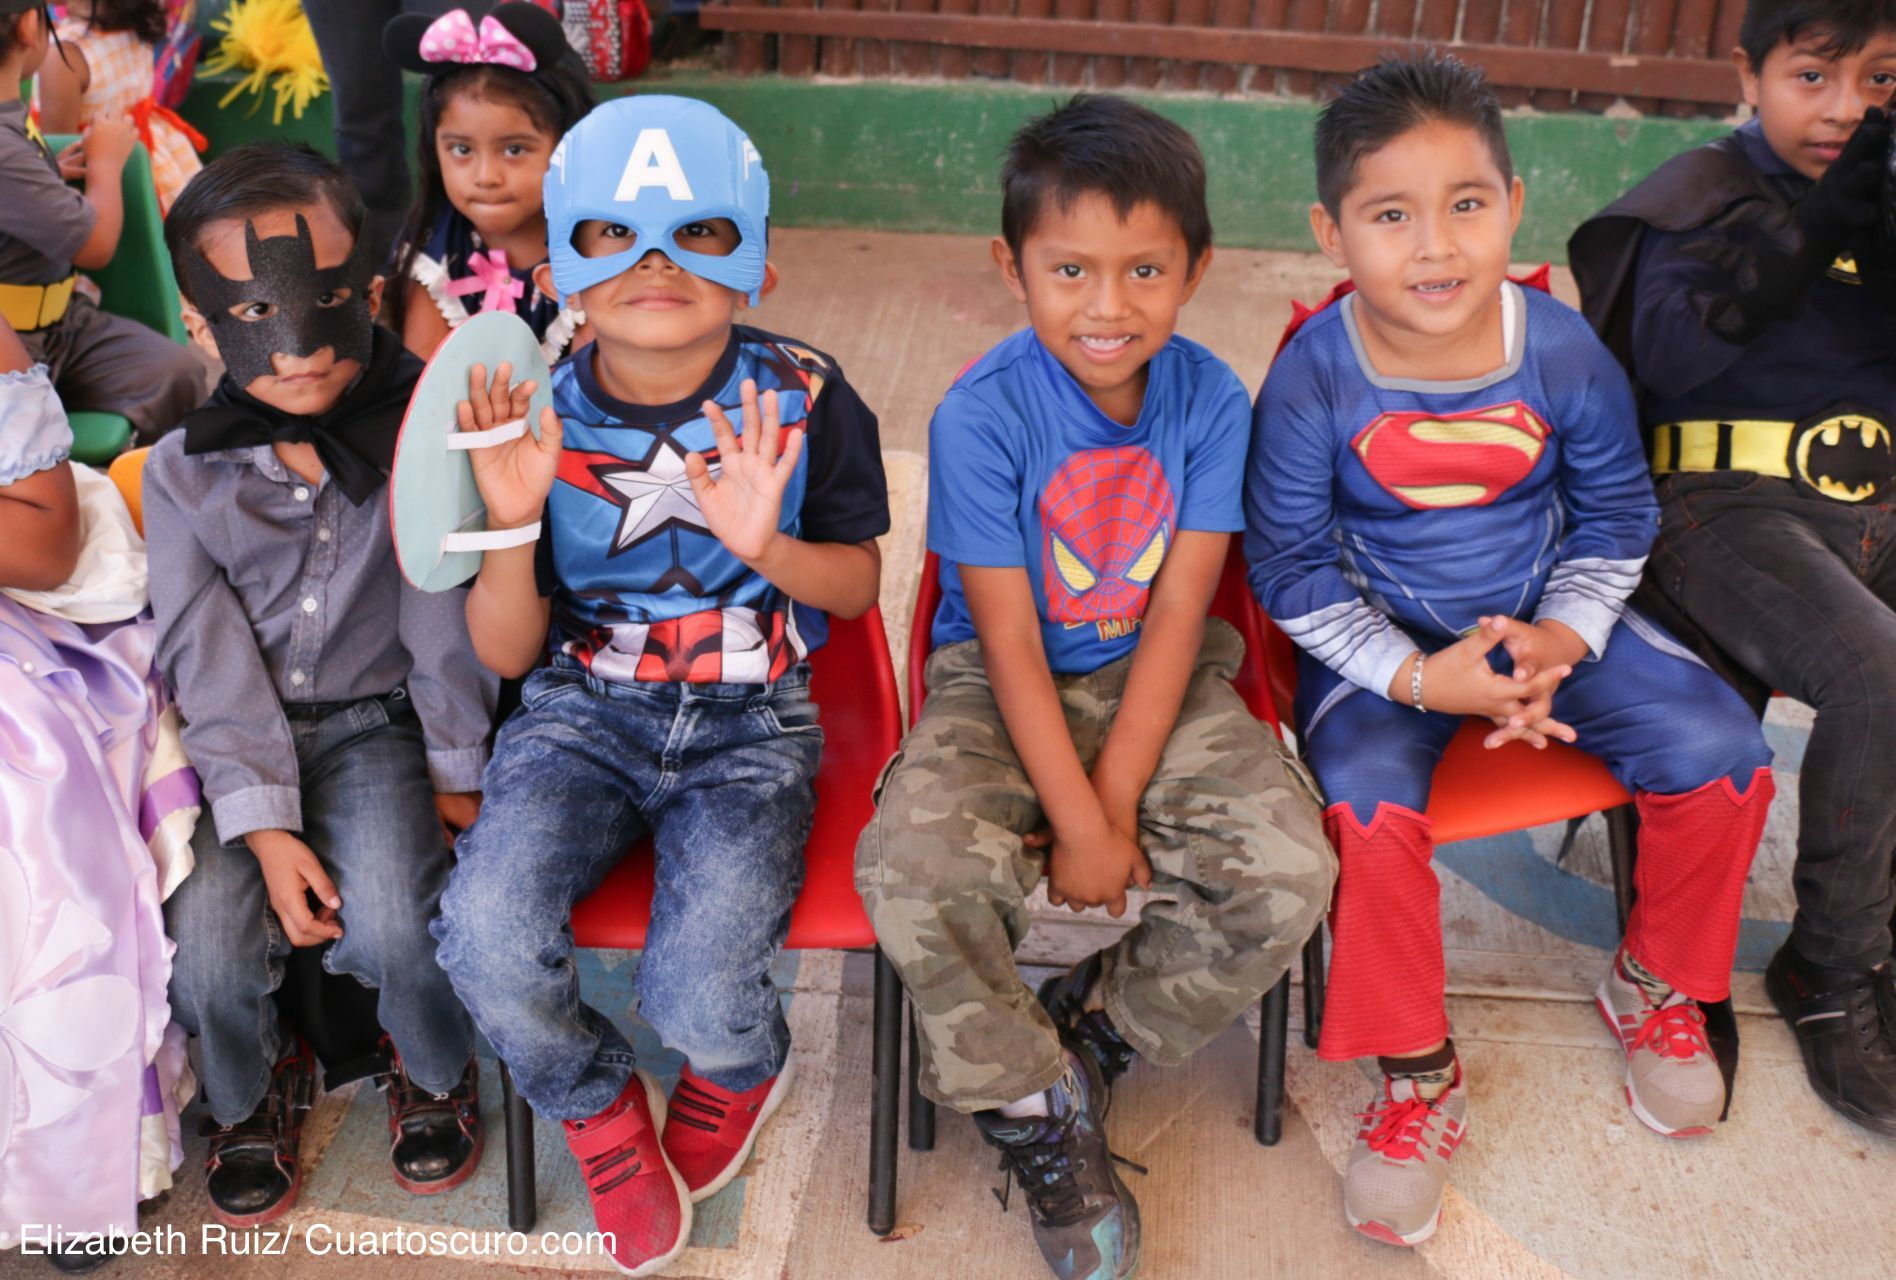 PUERTO MORELOS, QUINTANA ROO, 30ABRIL2019.- Niños disfrazados de super héroes y princesas festejaron el Día del Niño. FOTO: ELIZABETH RUIZ /CUARTOSCURO.COM